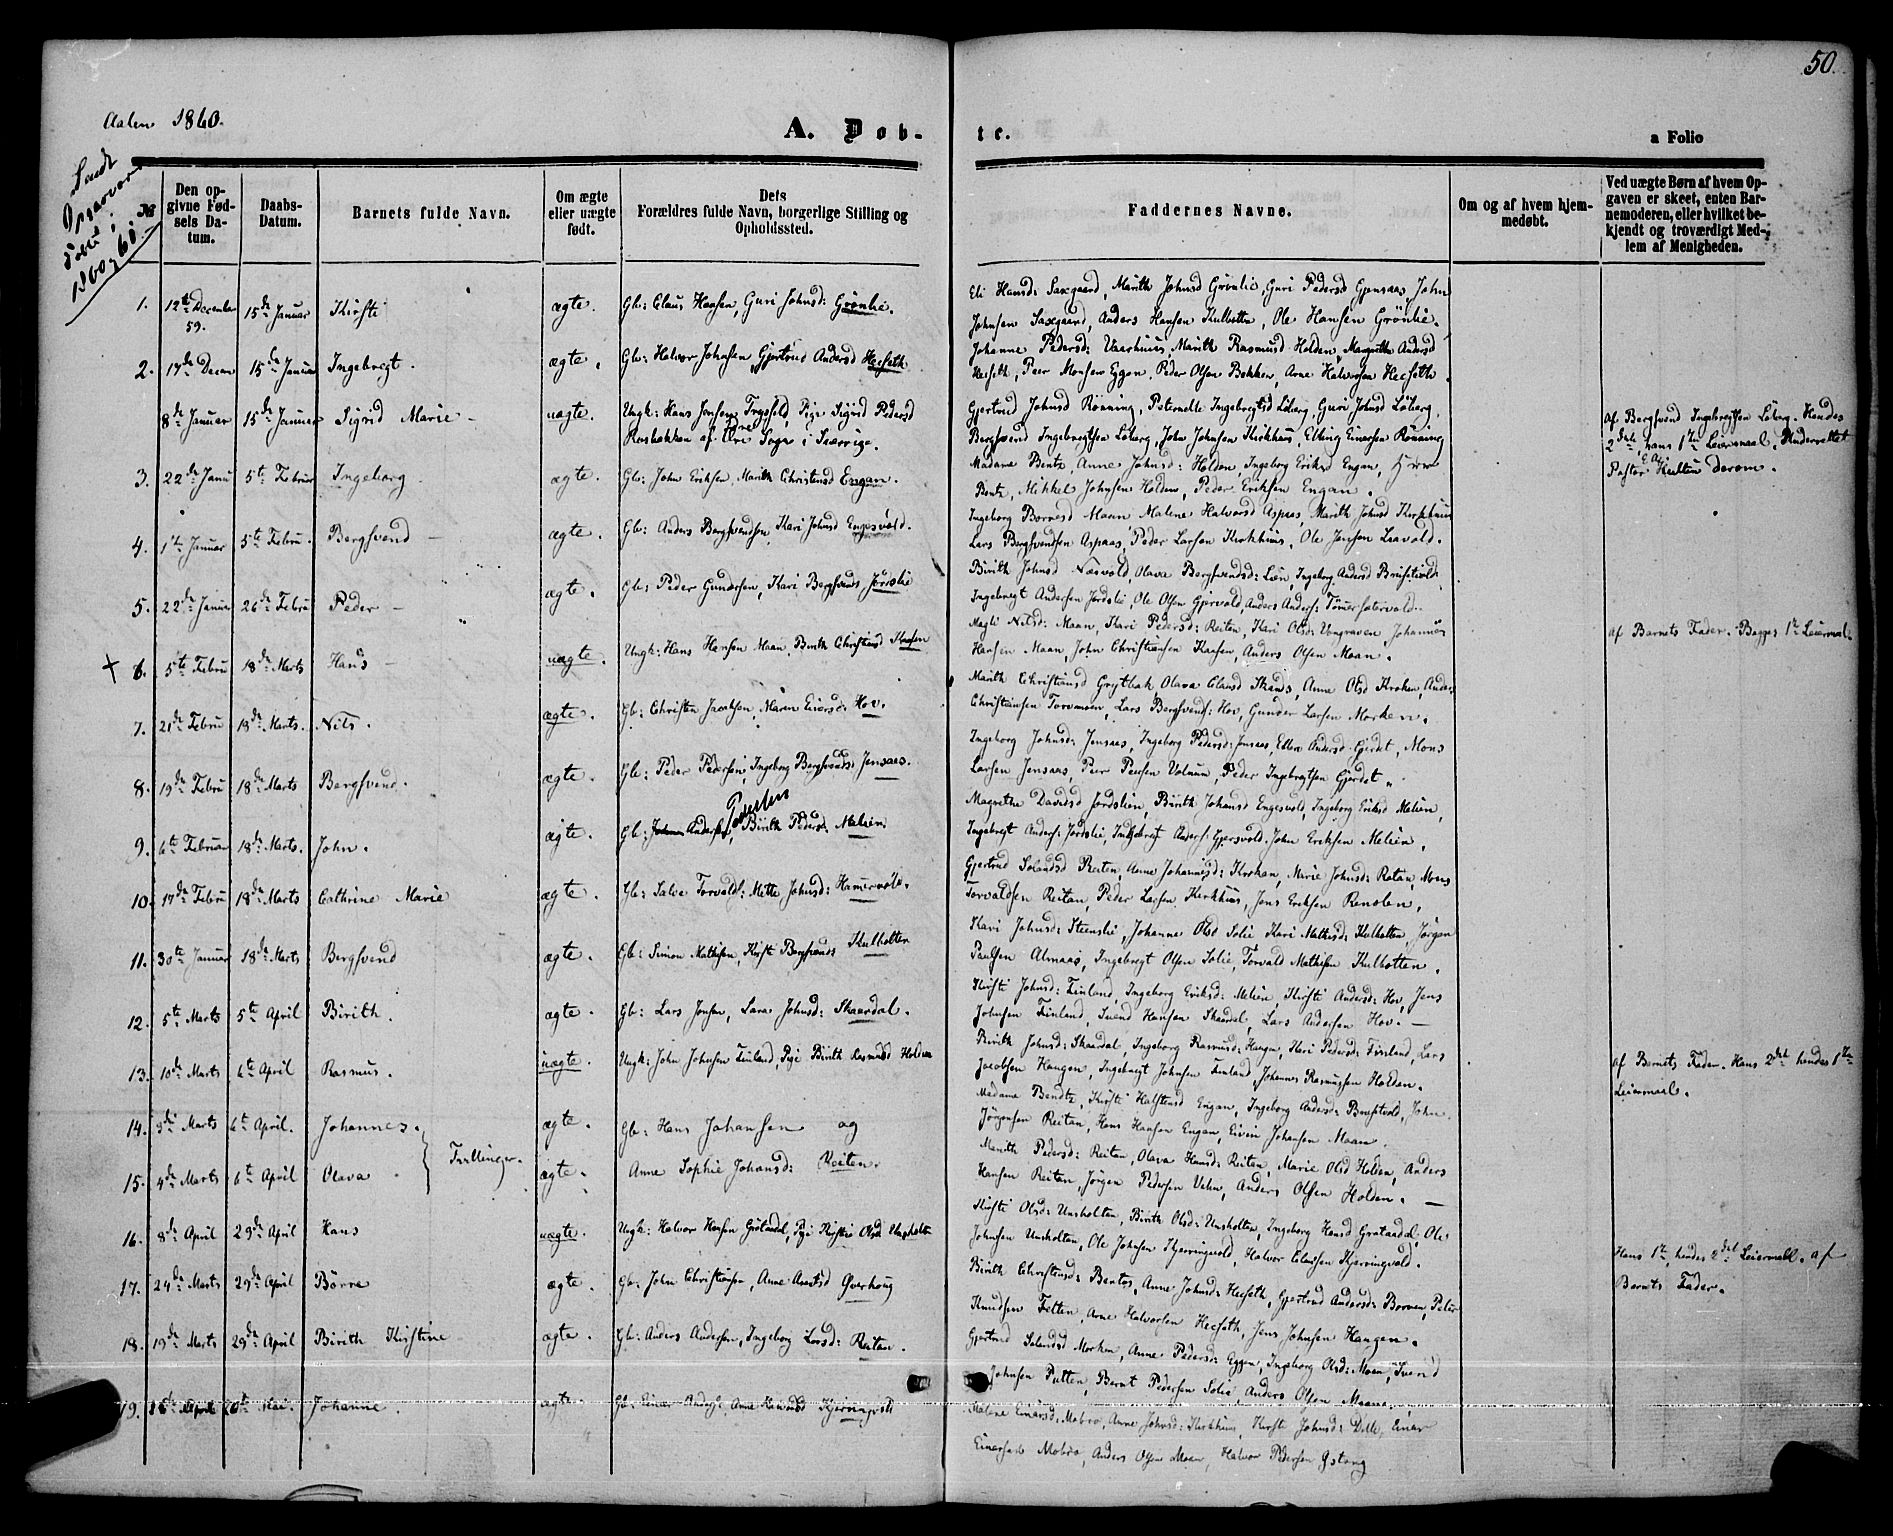 SAT, Ministerialprotokoller, klokkerbøker og fødselsregistre - Sør-Trøndelag, 685/L0968: Ministerialbok nr. 685A07 /3, 1860-1869, s. 50